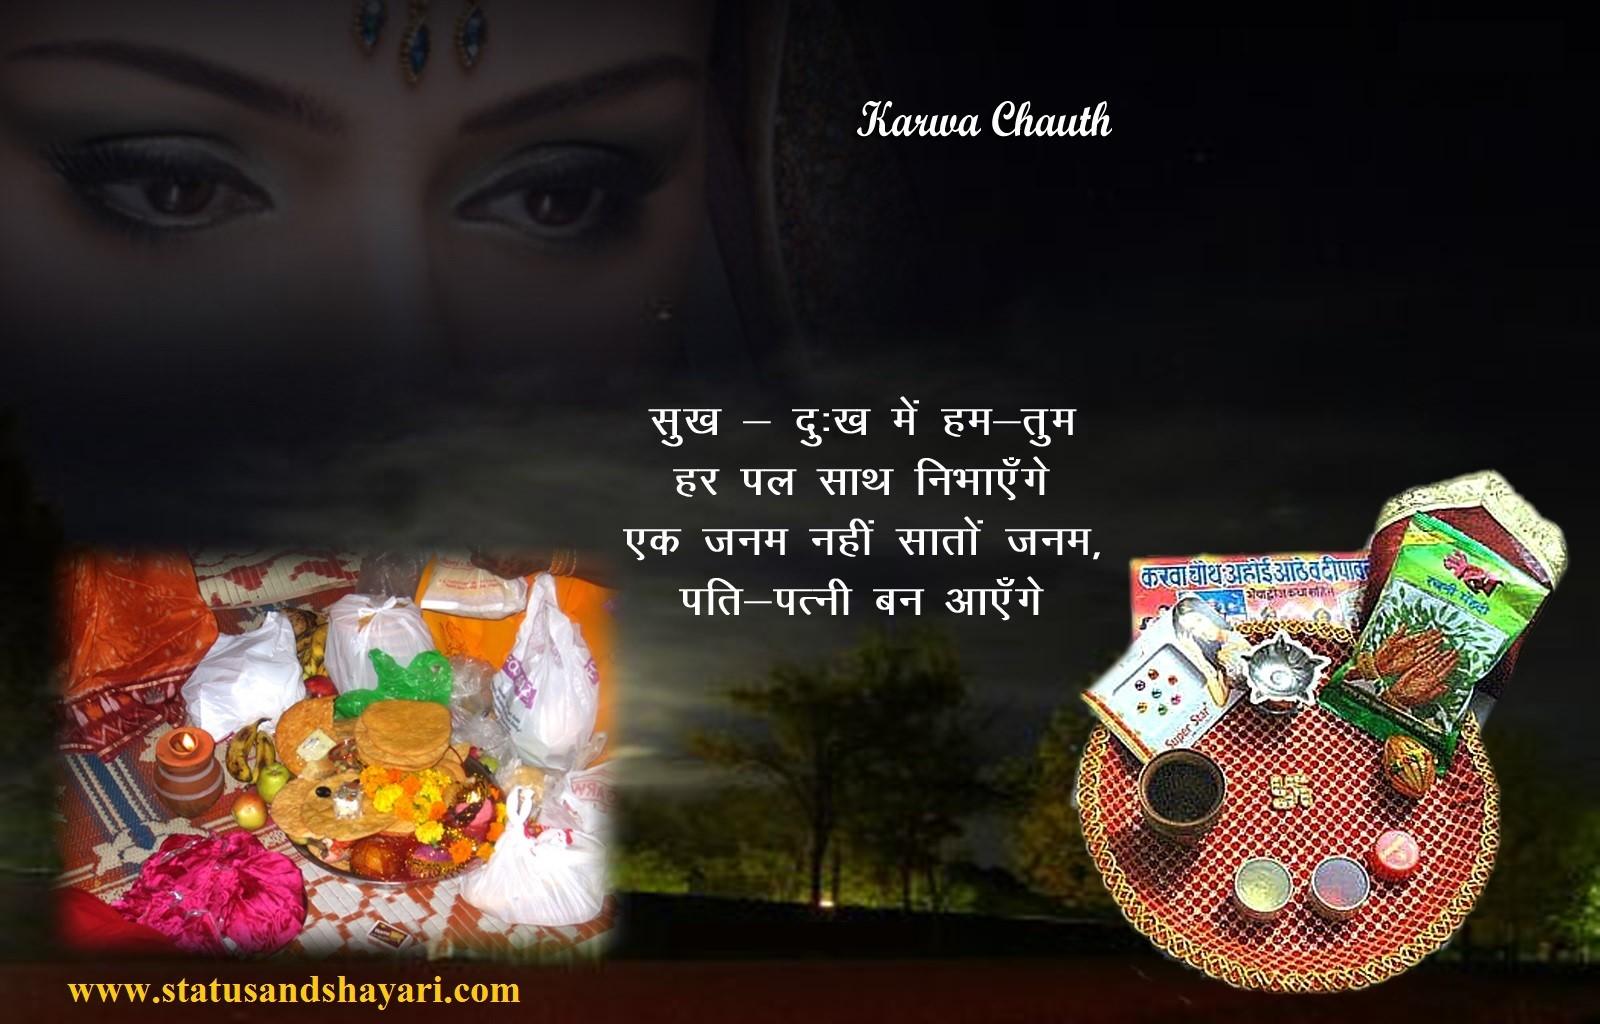 happy karwachauth